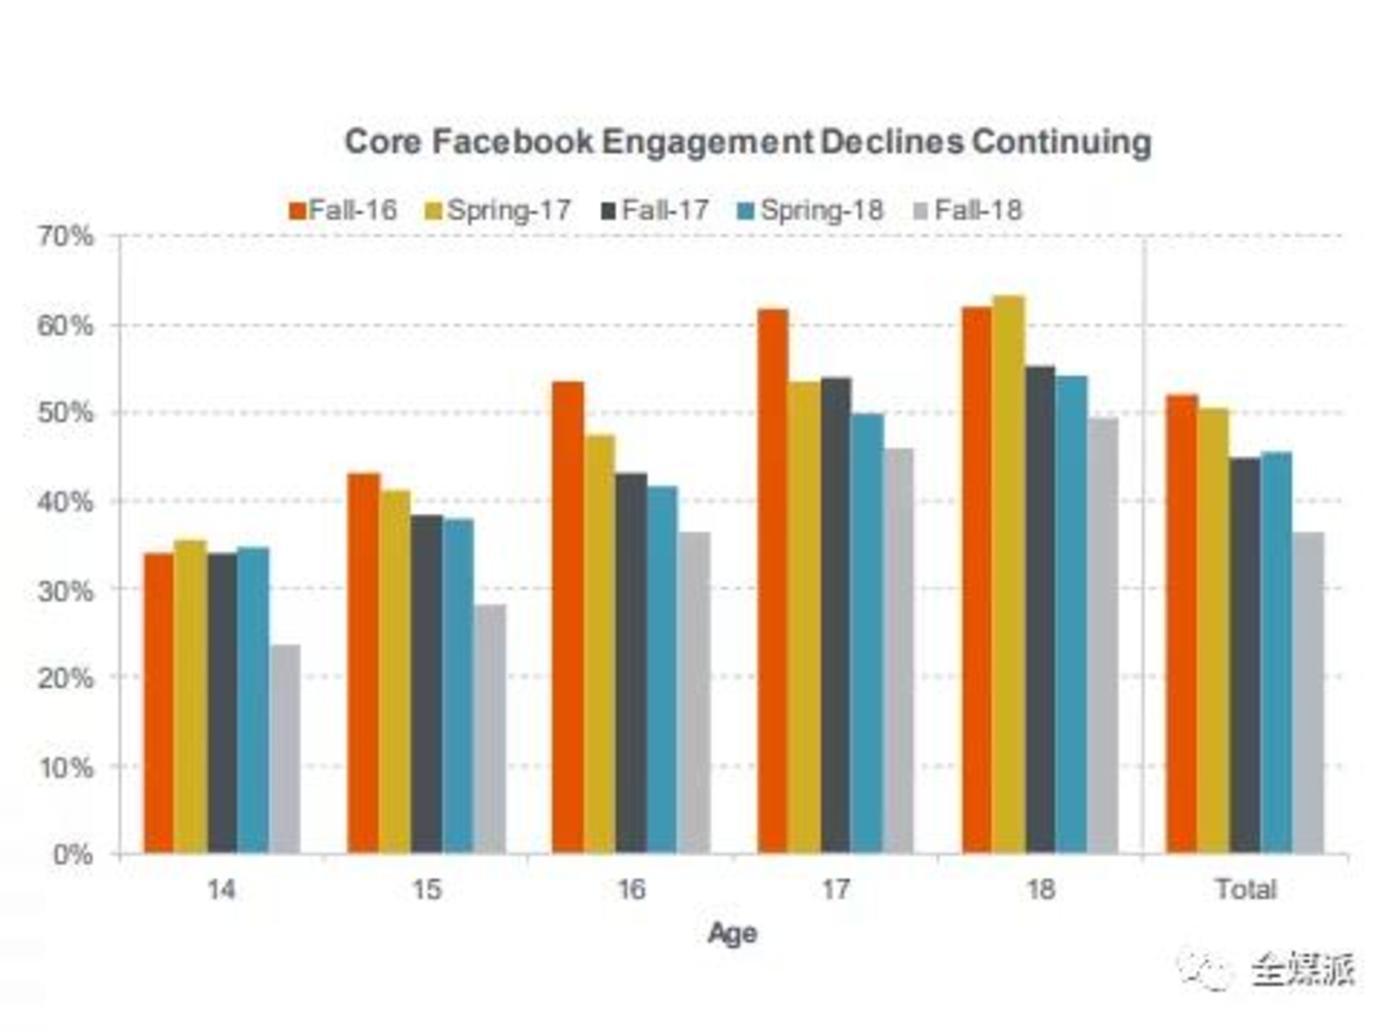 随着时间推移,所有年龄层的年轻群体都在减少对Facebook的关注